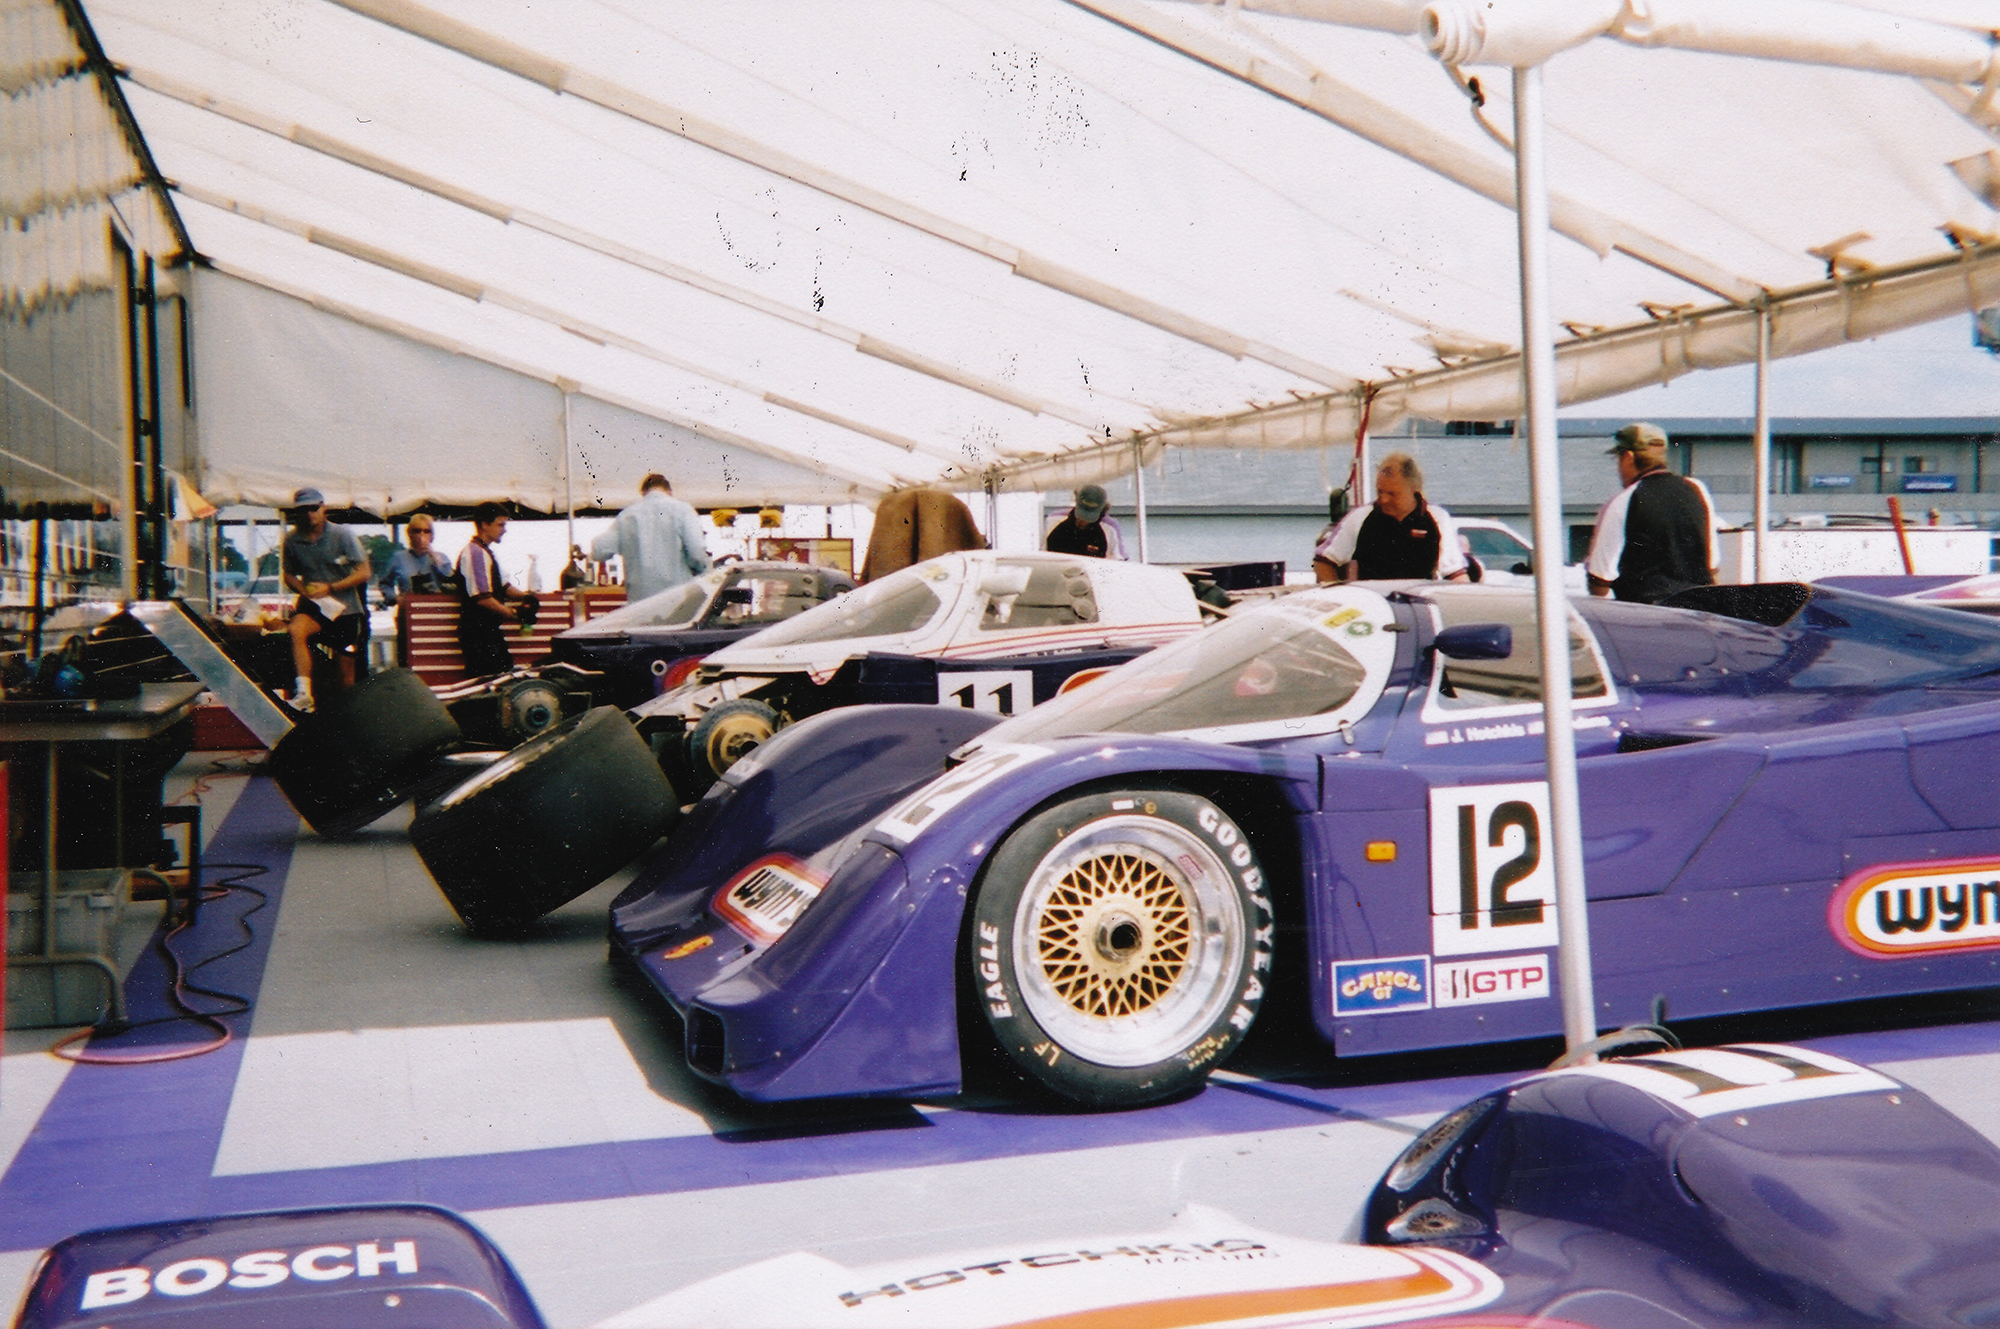 Hotchkis 962 Porsche